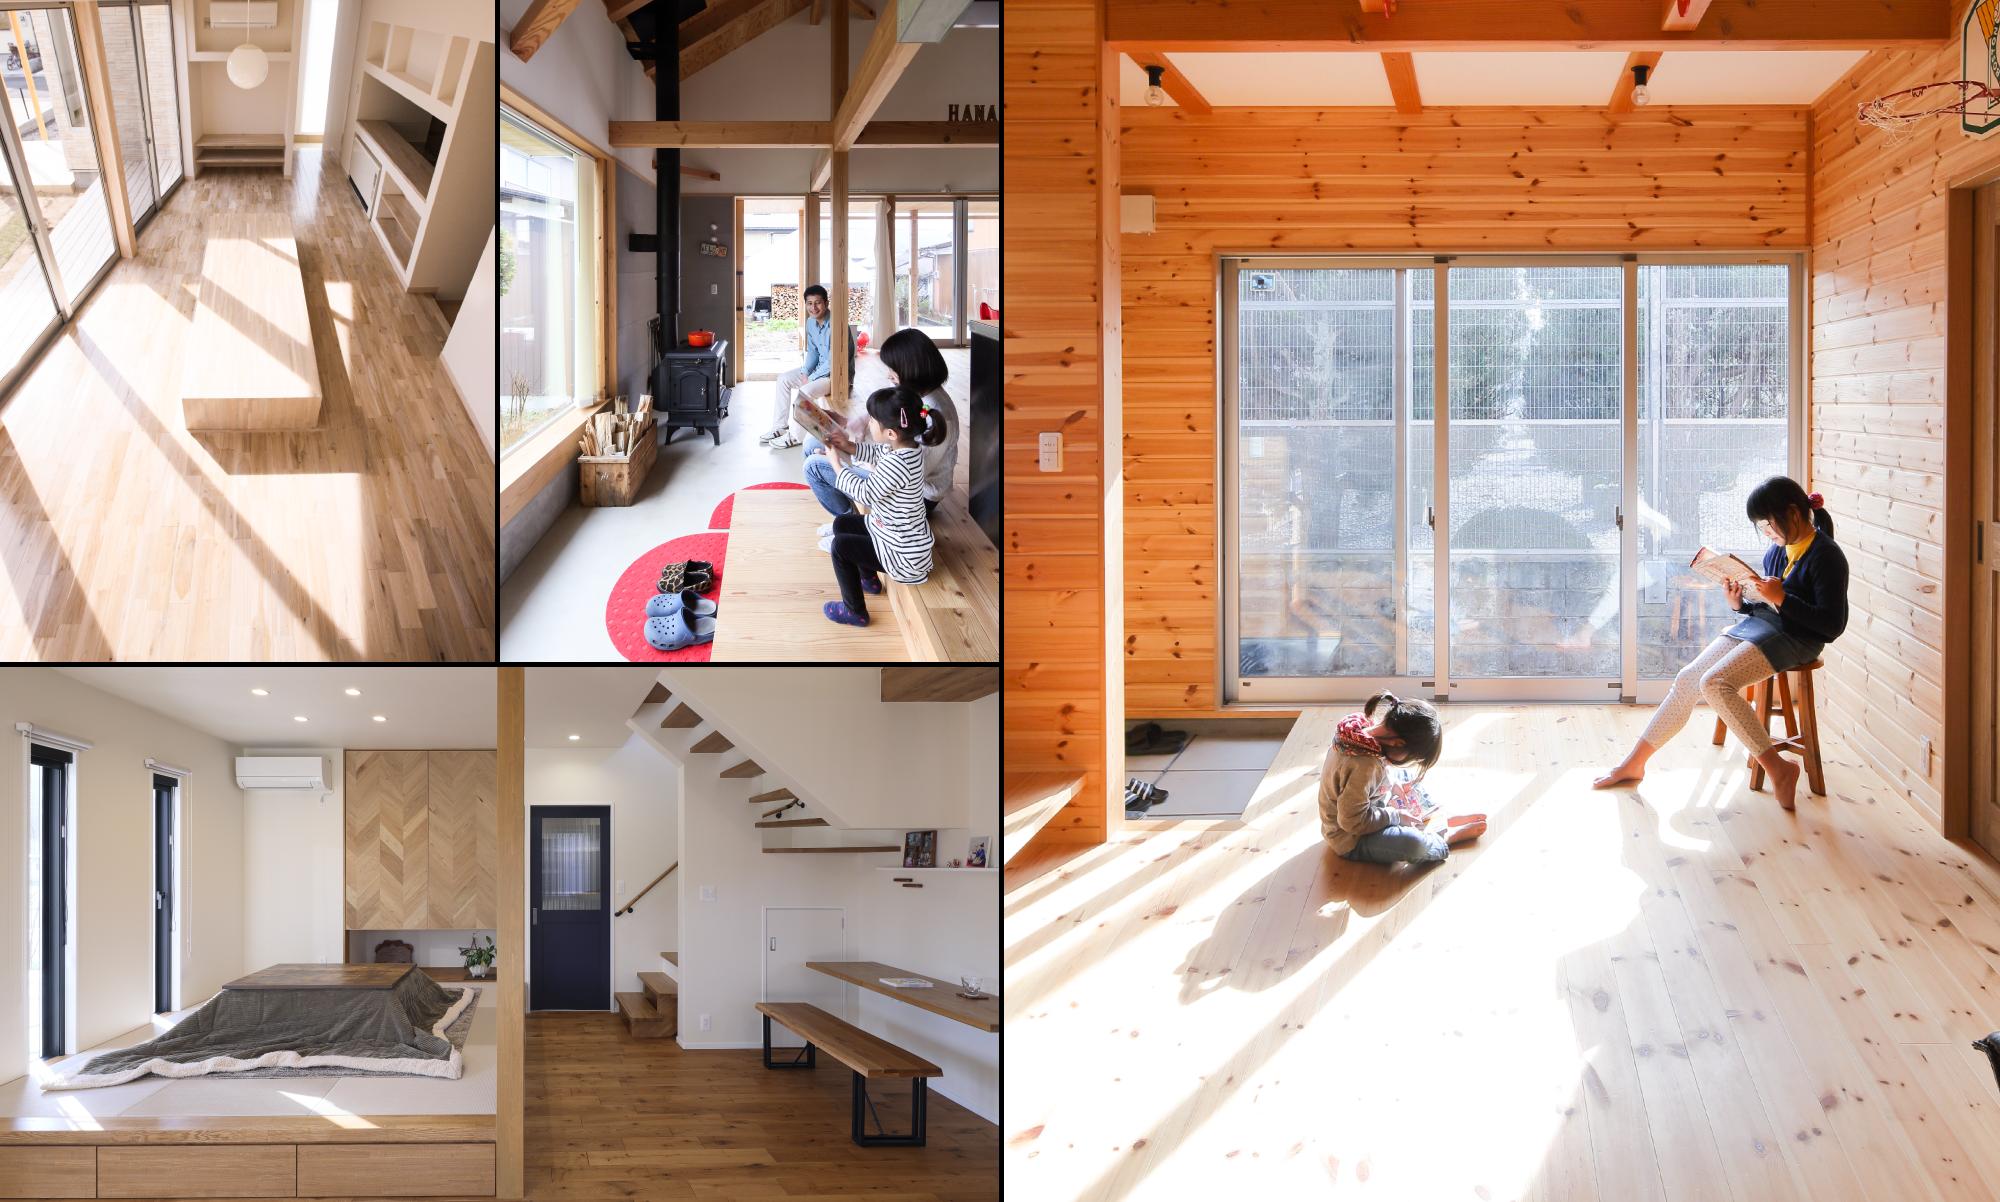 坂根工務店住宅の自然の力を利用した「暖かさ」を感じる内観組写真